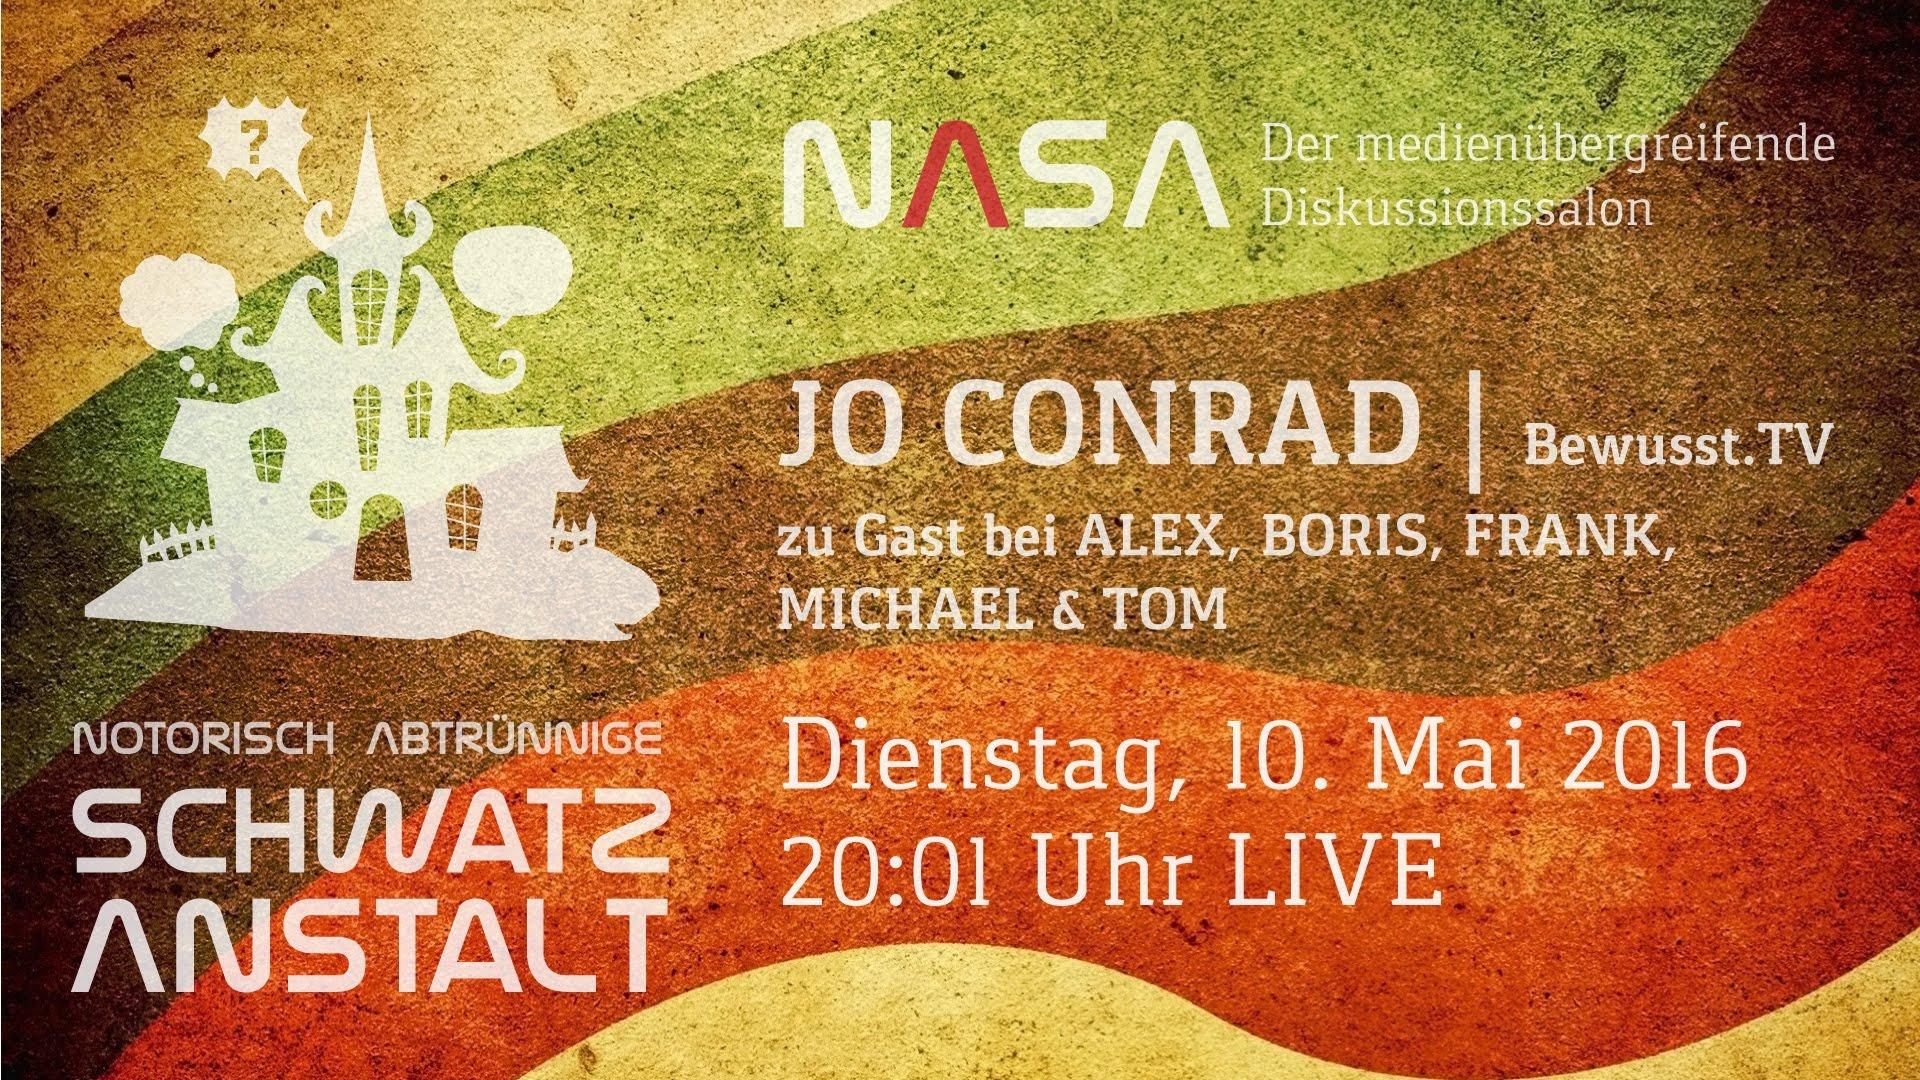 NASA No 2 Notorisch Abtrünnige Schwatz Anstalt. Zu Gast: Jo Conrad